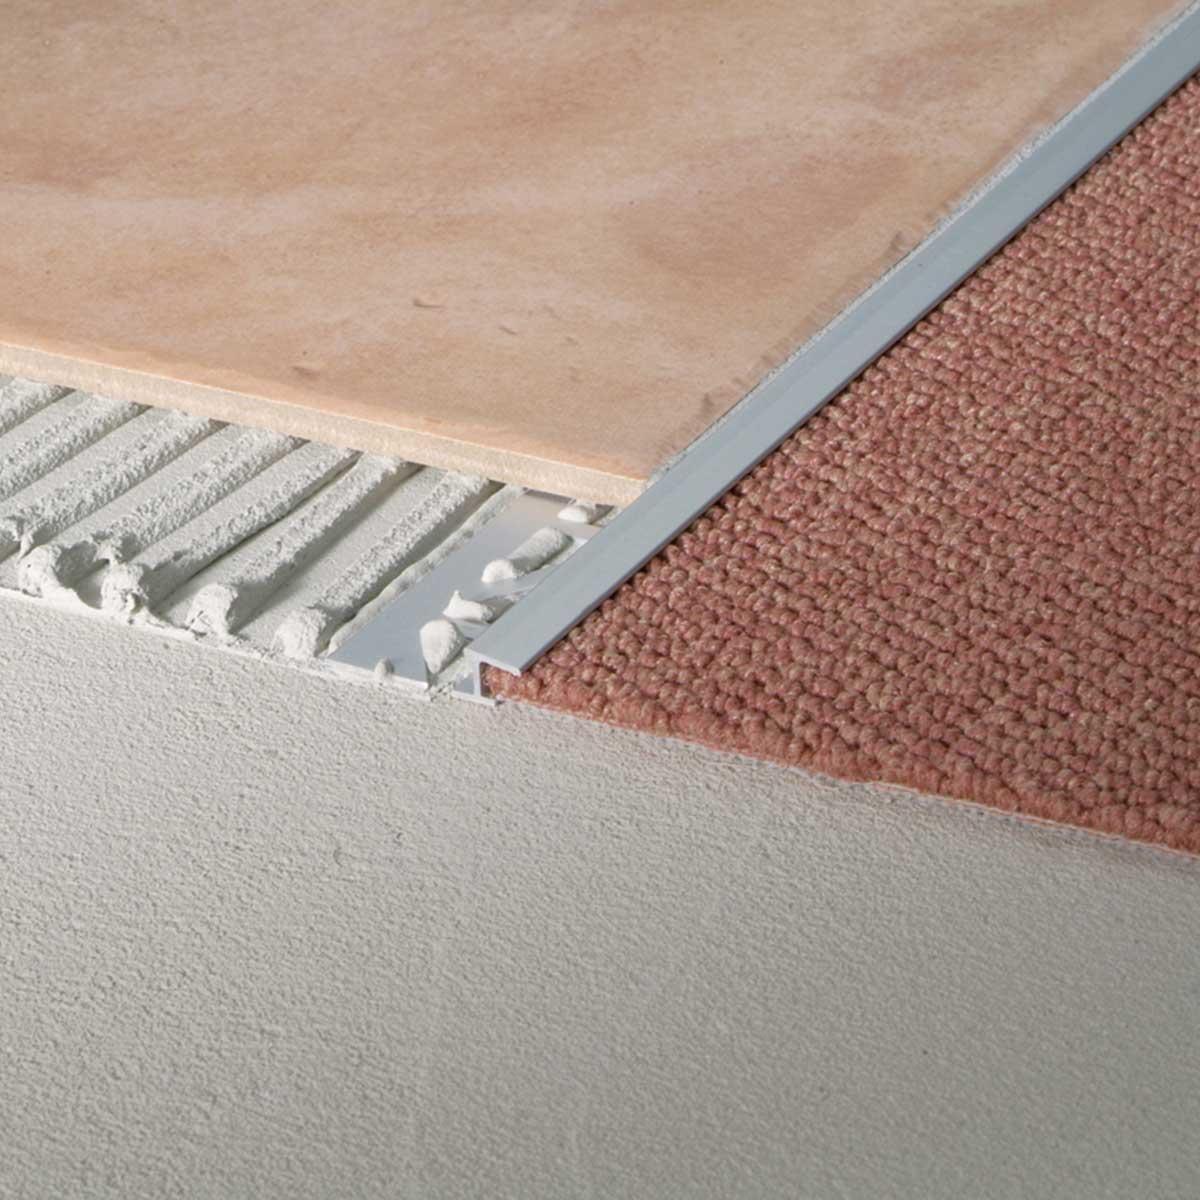 Fine 16X16 Ceiling Tiles Thin 2 Inch Ceramic Tile Square 2 X 6 Glass Subway Tile 3X6 Marble Subway Tile Young 4 Ceramic Tile Red8X8 Ceramic Tile Blanke Aluminum Carpet Trim Tile Transitions. Contractors Direct